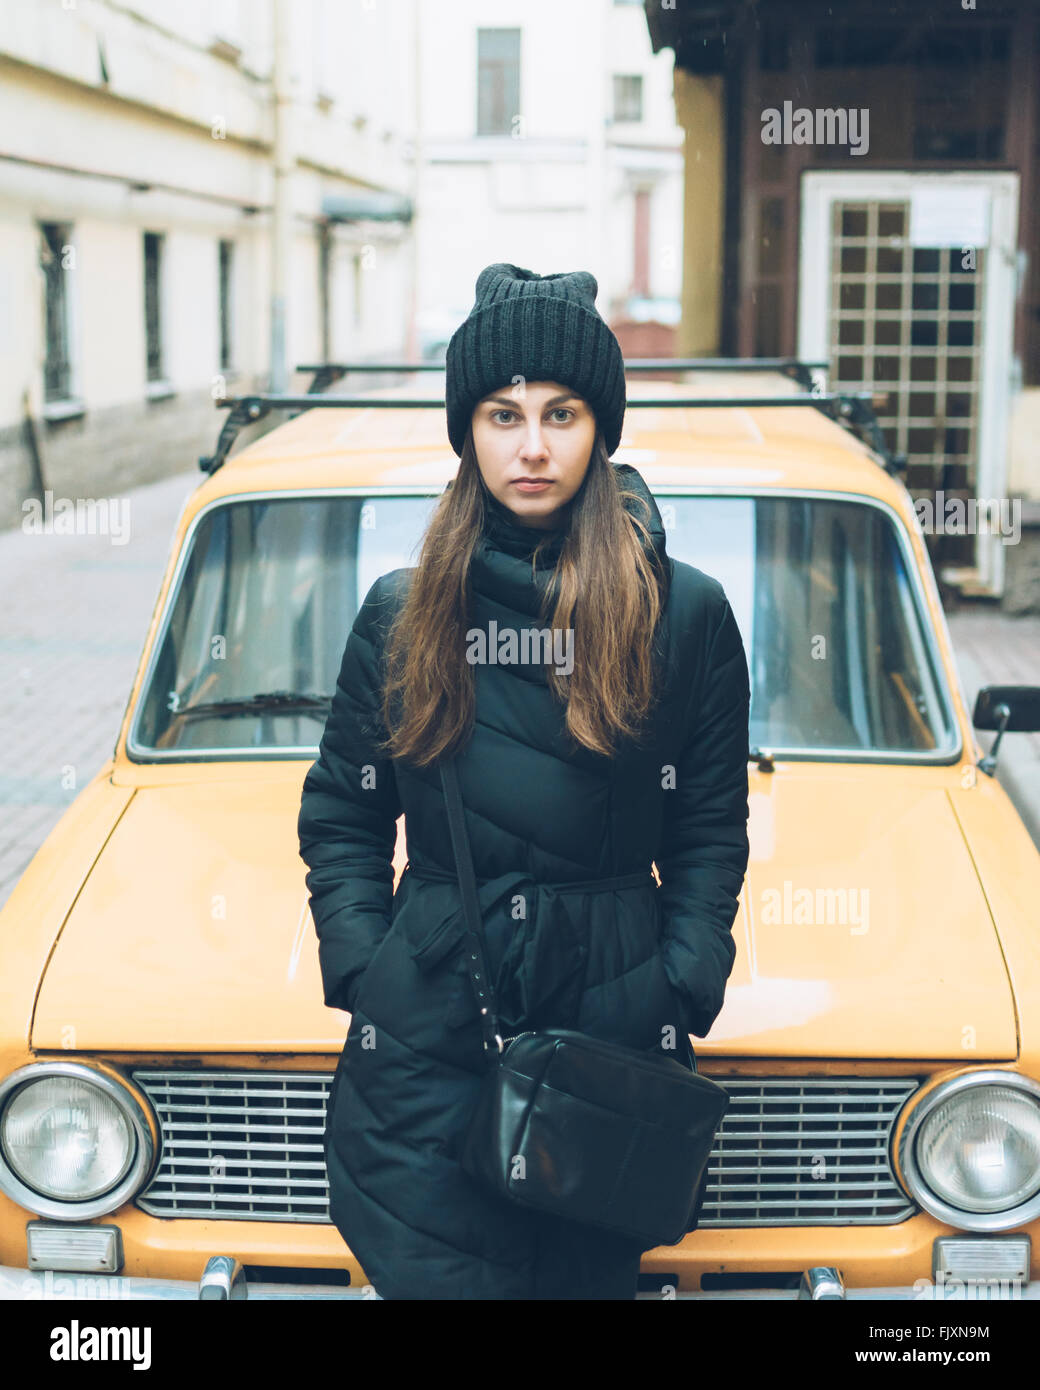 Ritratto di giovane e bella donna appoggiata sulle auto parcheggiate lungo la strada Immagini Stock